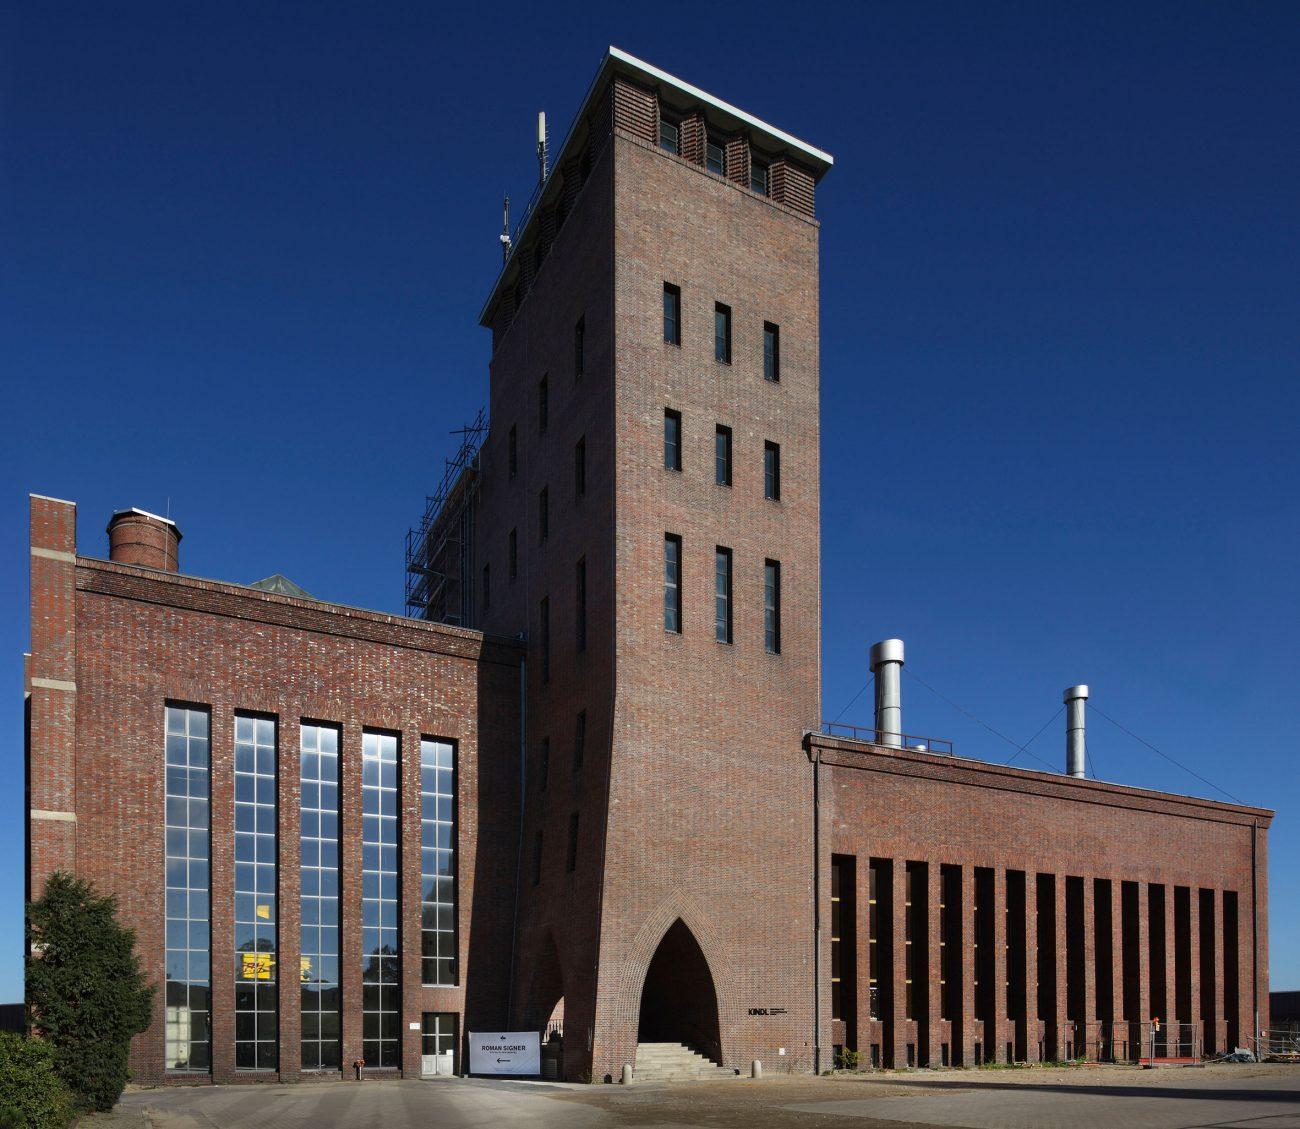 Ein Hauch von Tate Modern: Kindl-Zentrum für zeitgenössische Kunst / Kindl–Centre for Contemporary Art. Foto: Jens Ziehe, Kindl-Zentrum